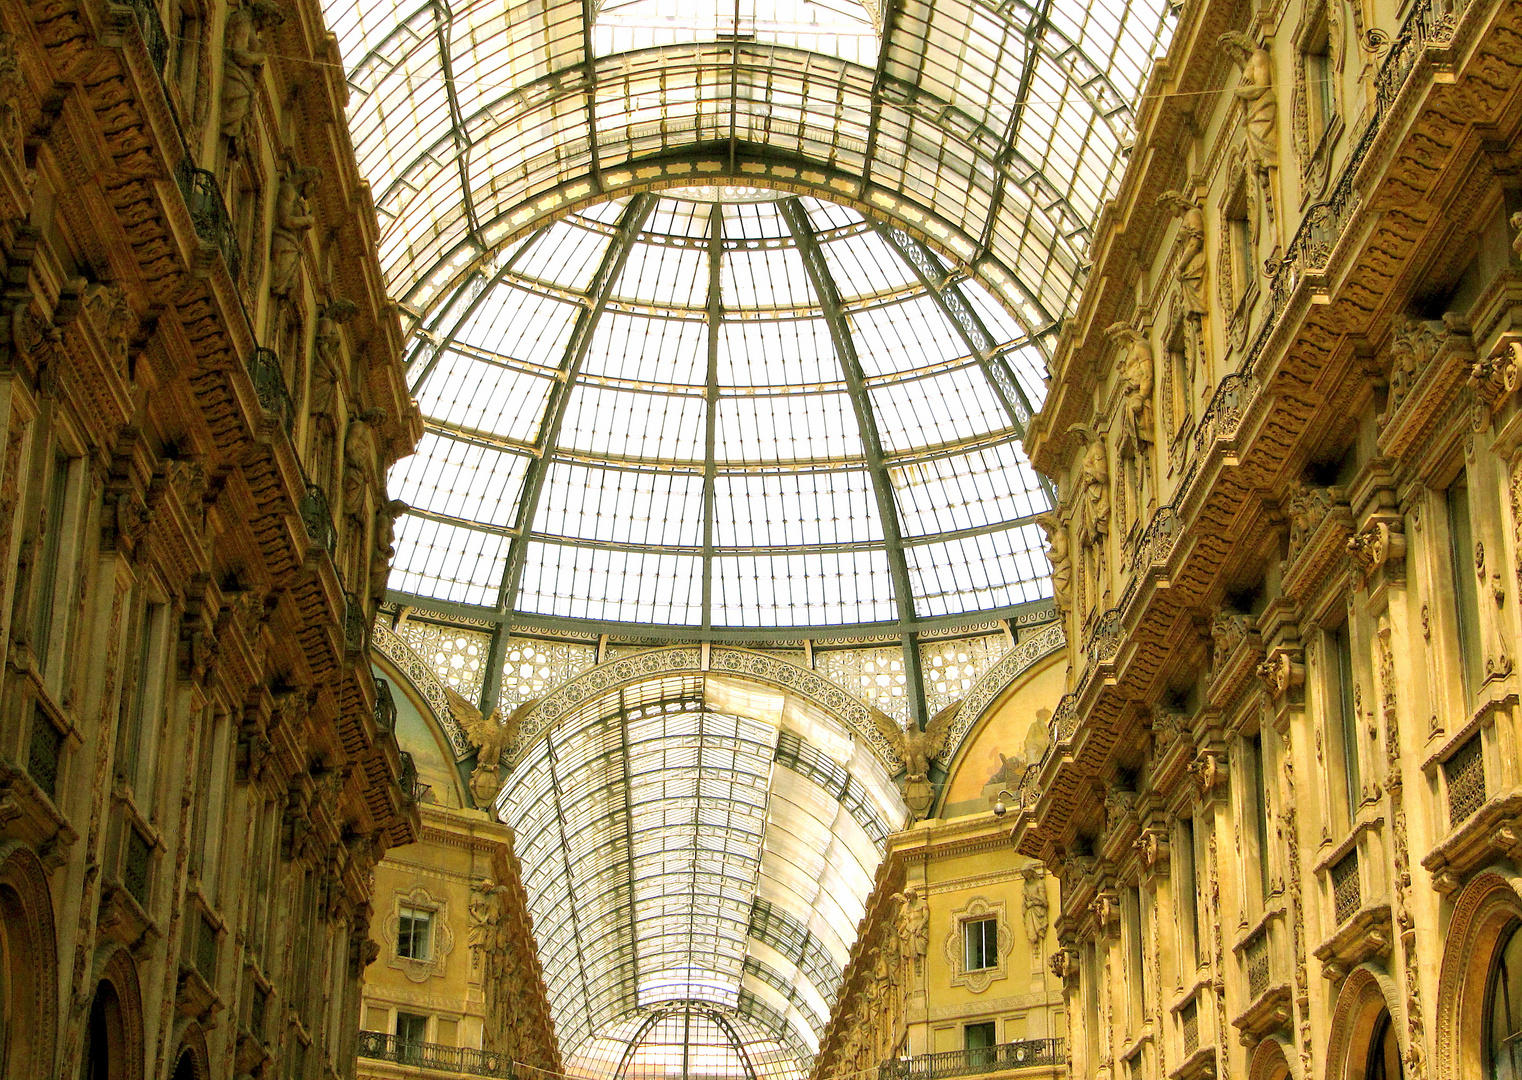 GALLERIA VITTORIO EMANUELE II - MILANO 1